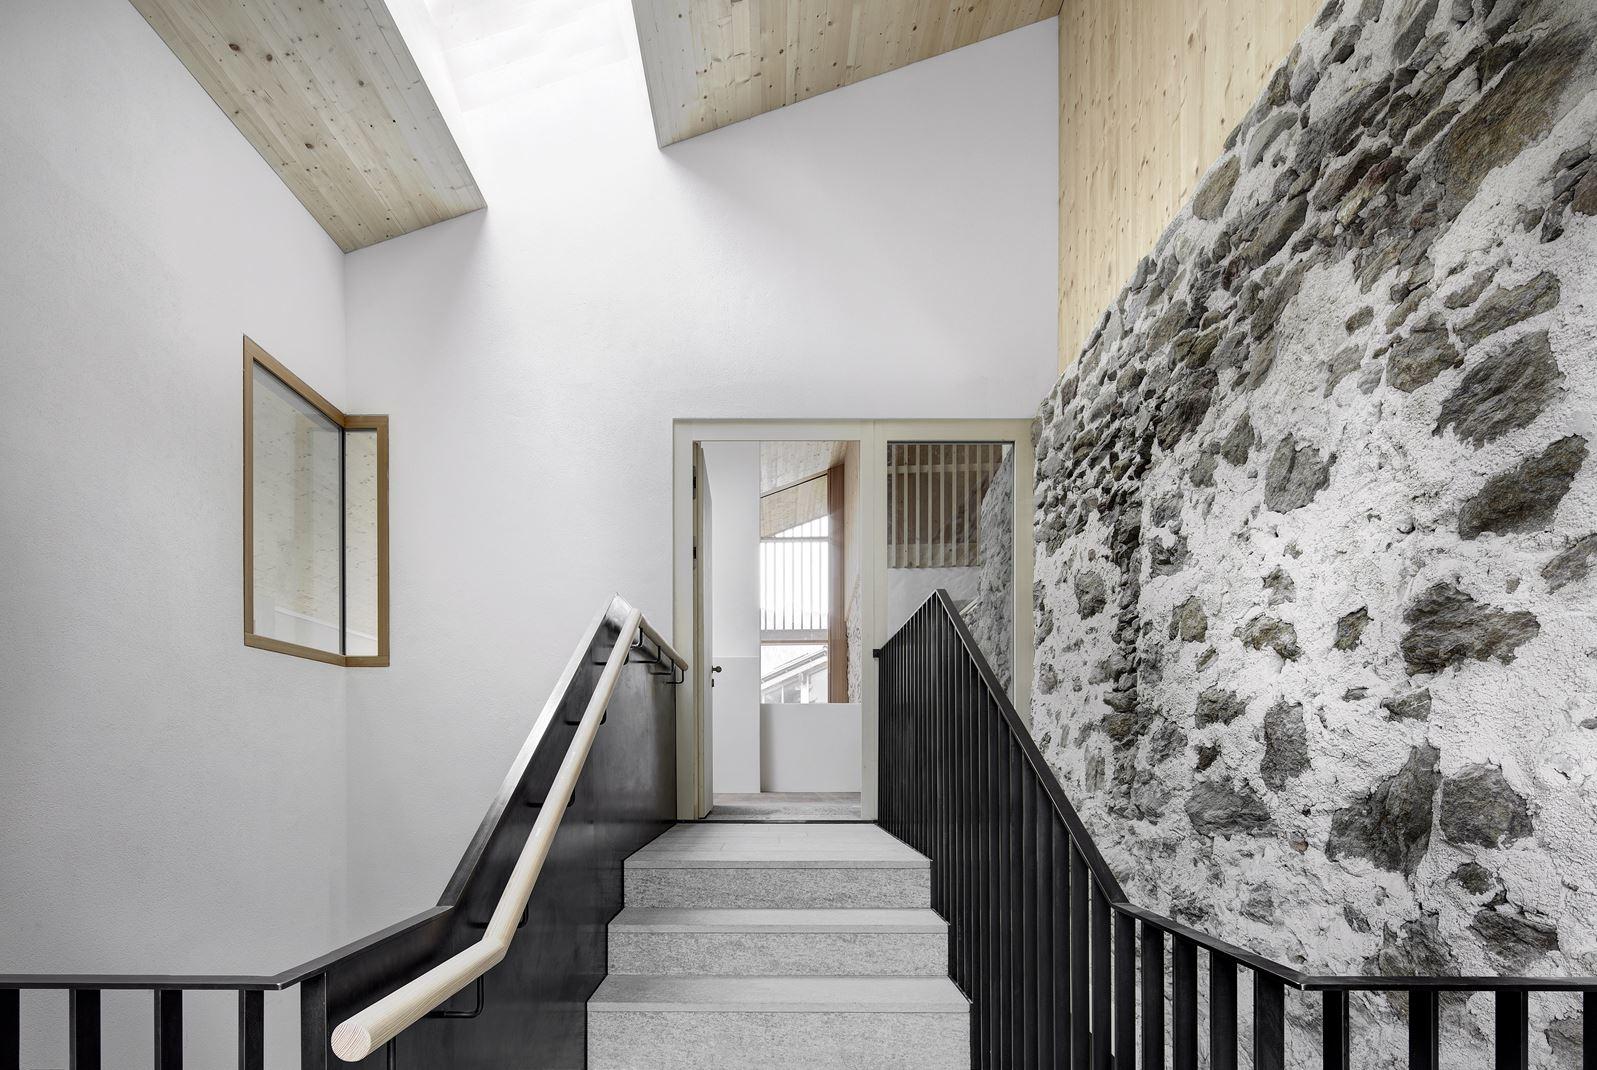 Quanto Costa Ristrutturare Una Stalla un antico maso si trasforma in tre appartamenti di montagna